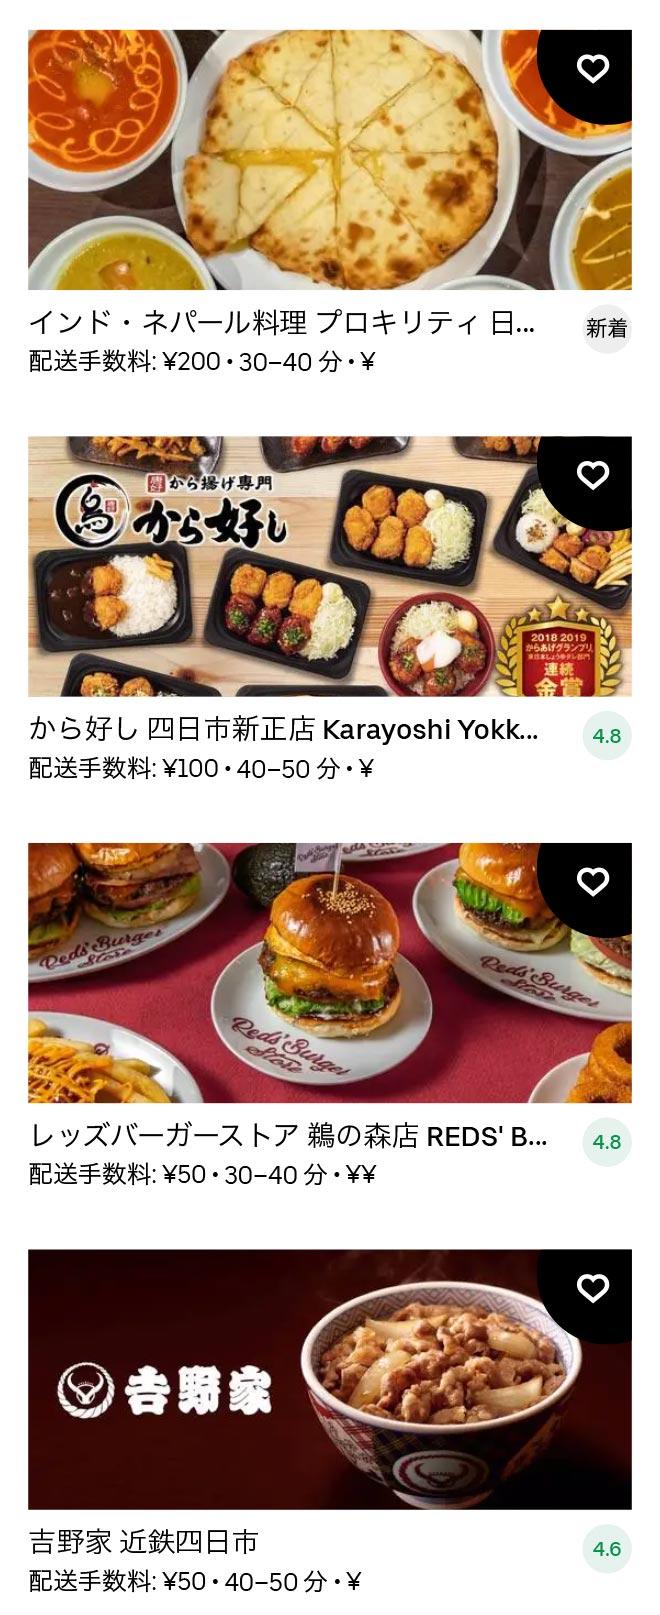 Yokkaichi menu 2012 02